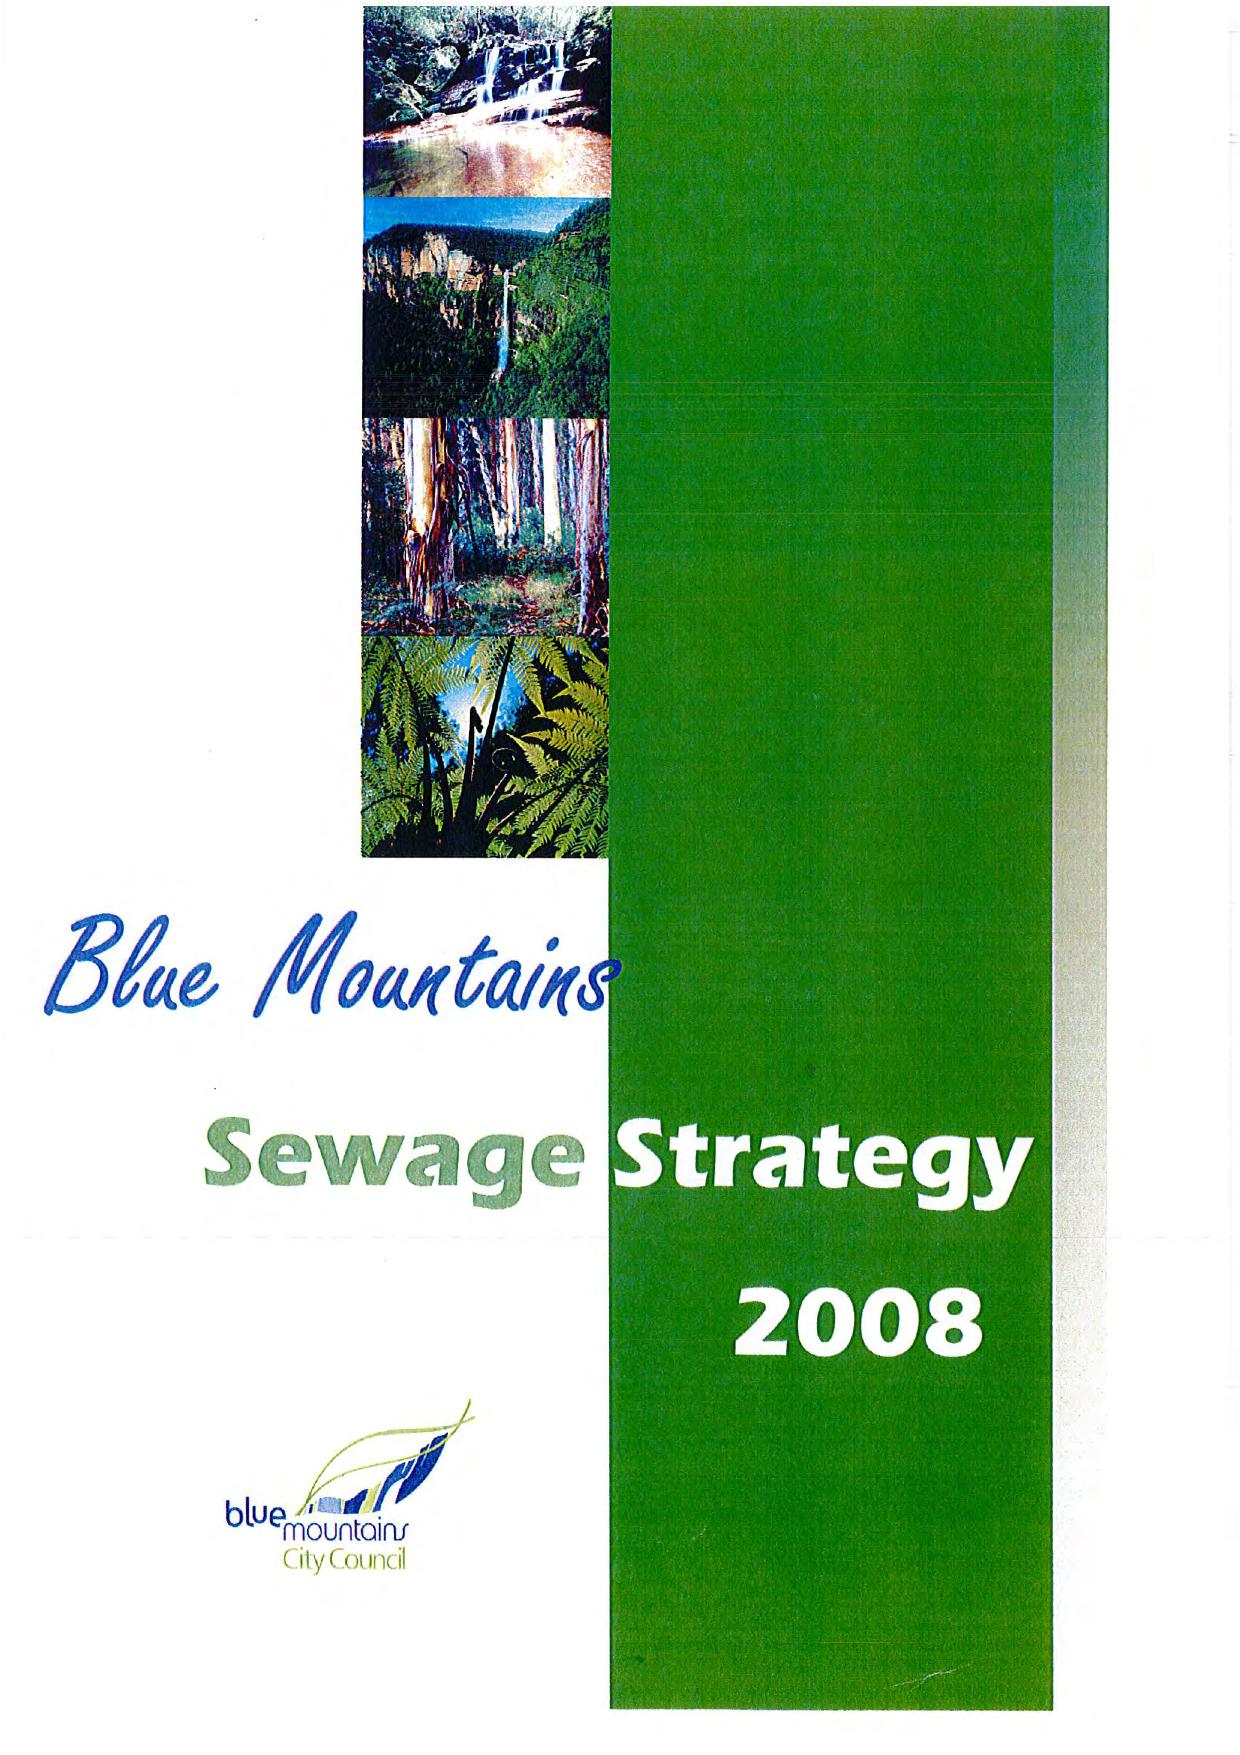 Sewage Strategy